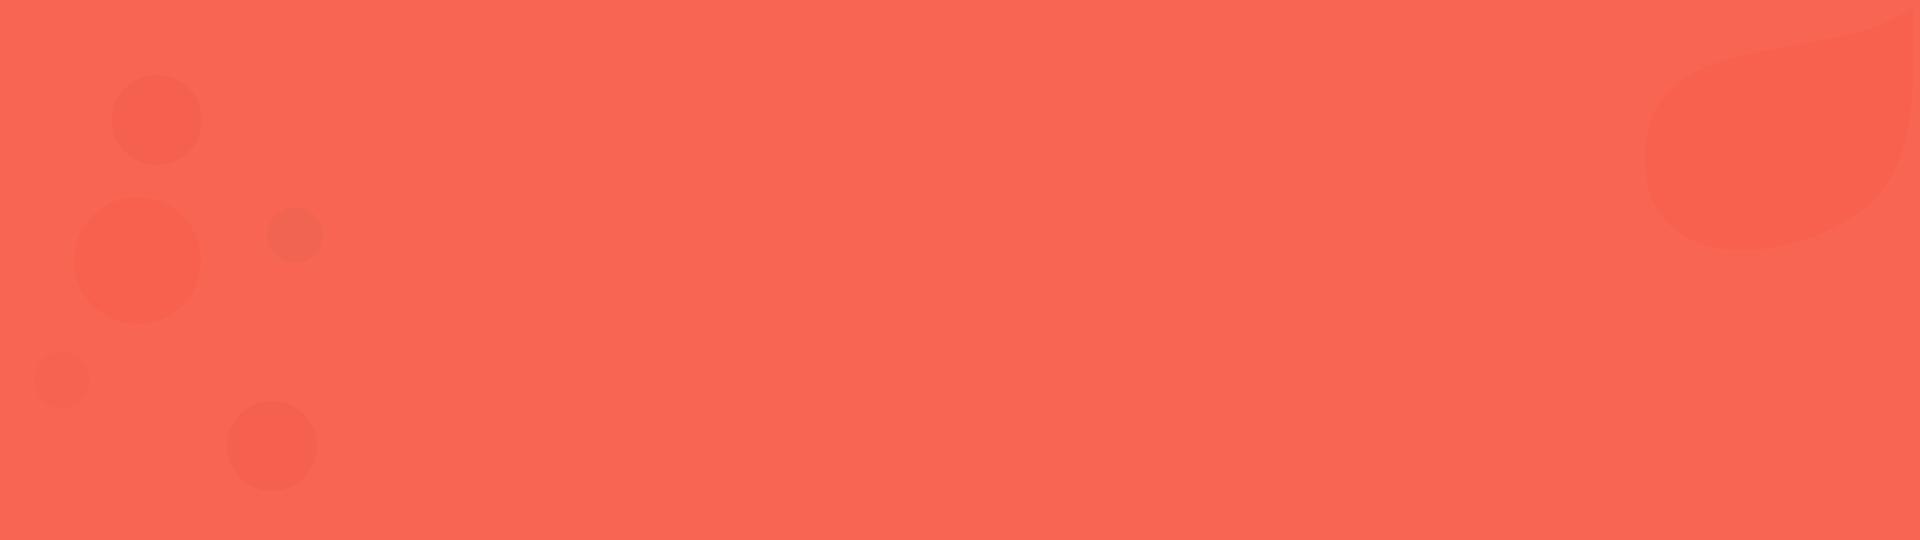 CATEGORY-MBLYA-MOBILYALARDAINDIRIMINSAMPIYONLARI-23-10